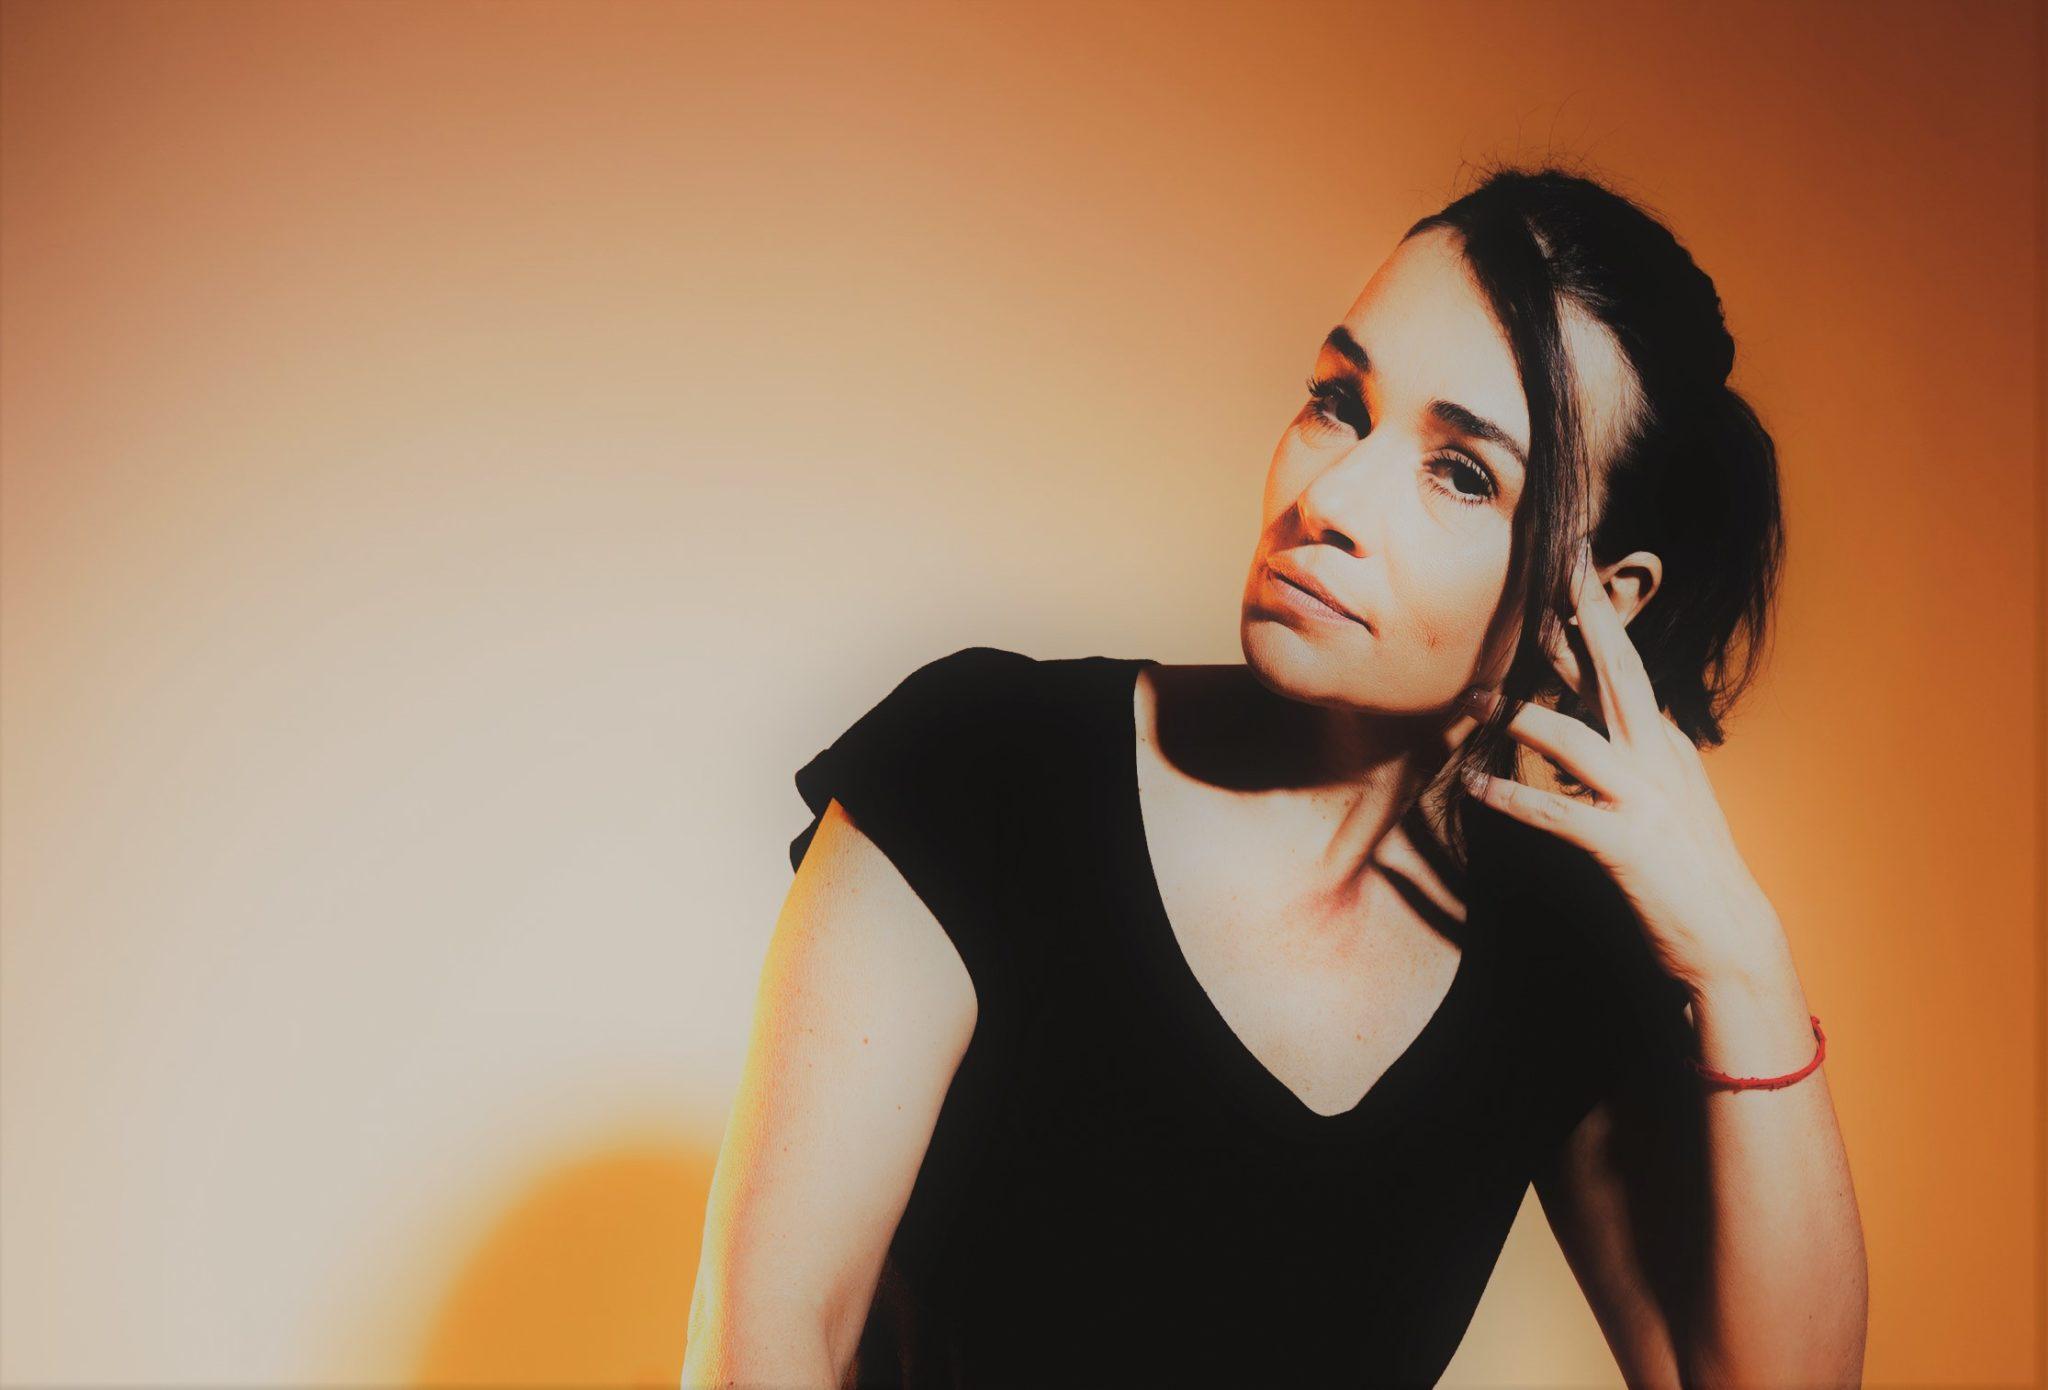 Maria Olon